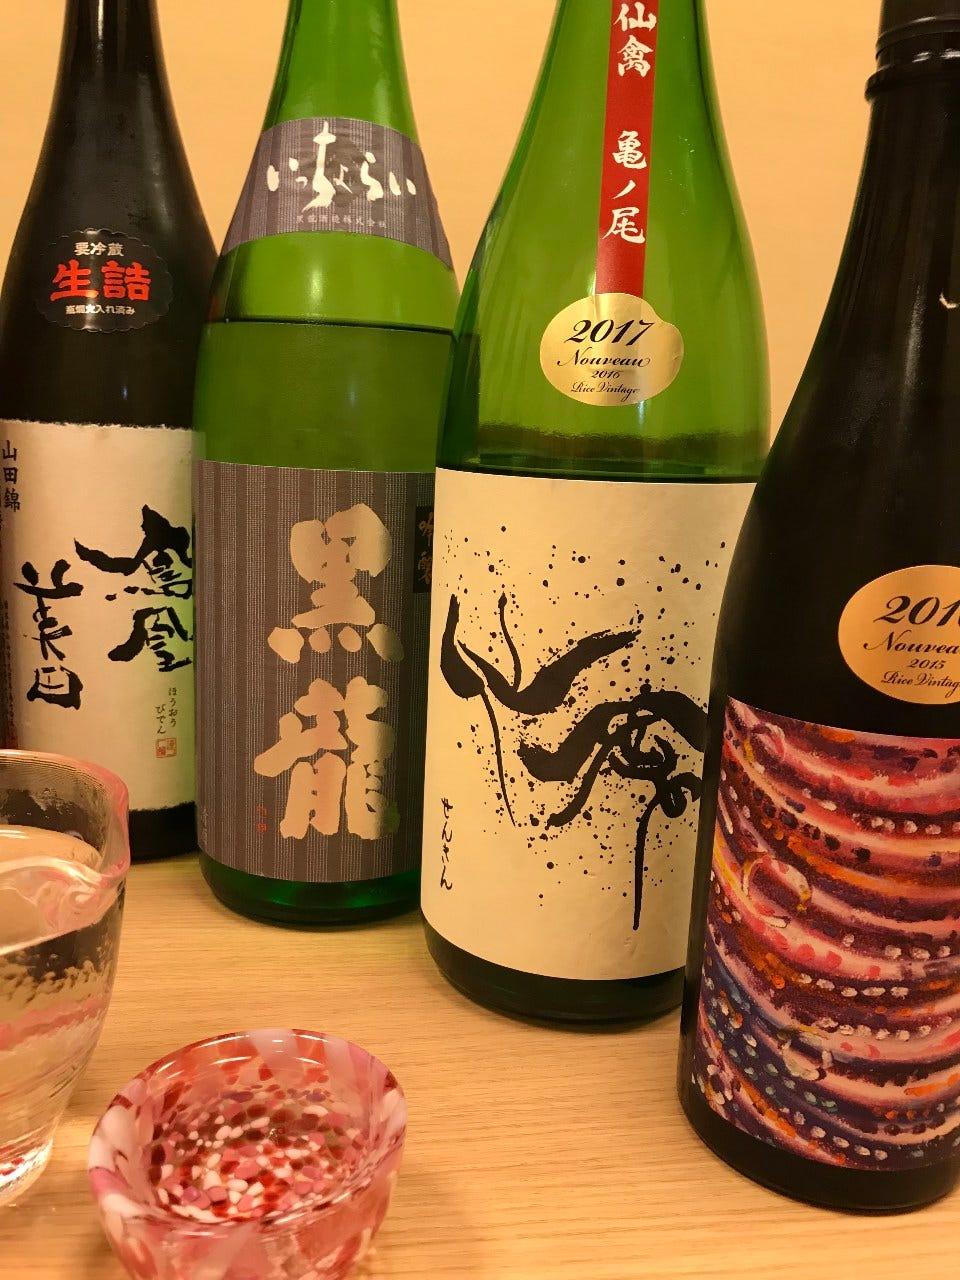 品揃えが豊富な日本酒!40種類ご用意してます!